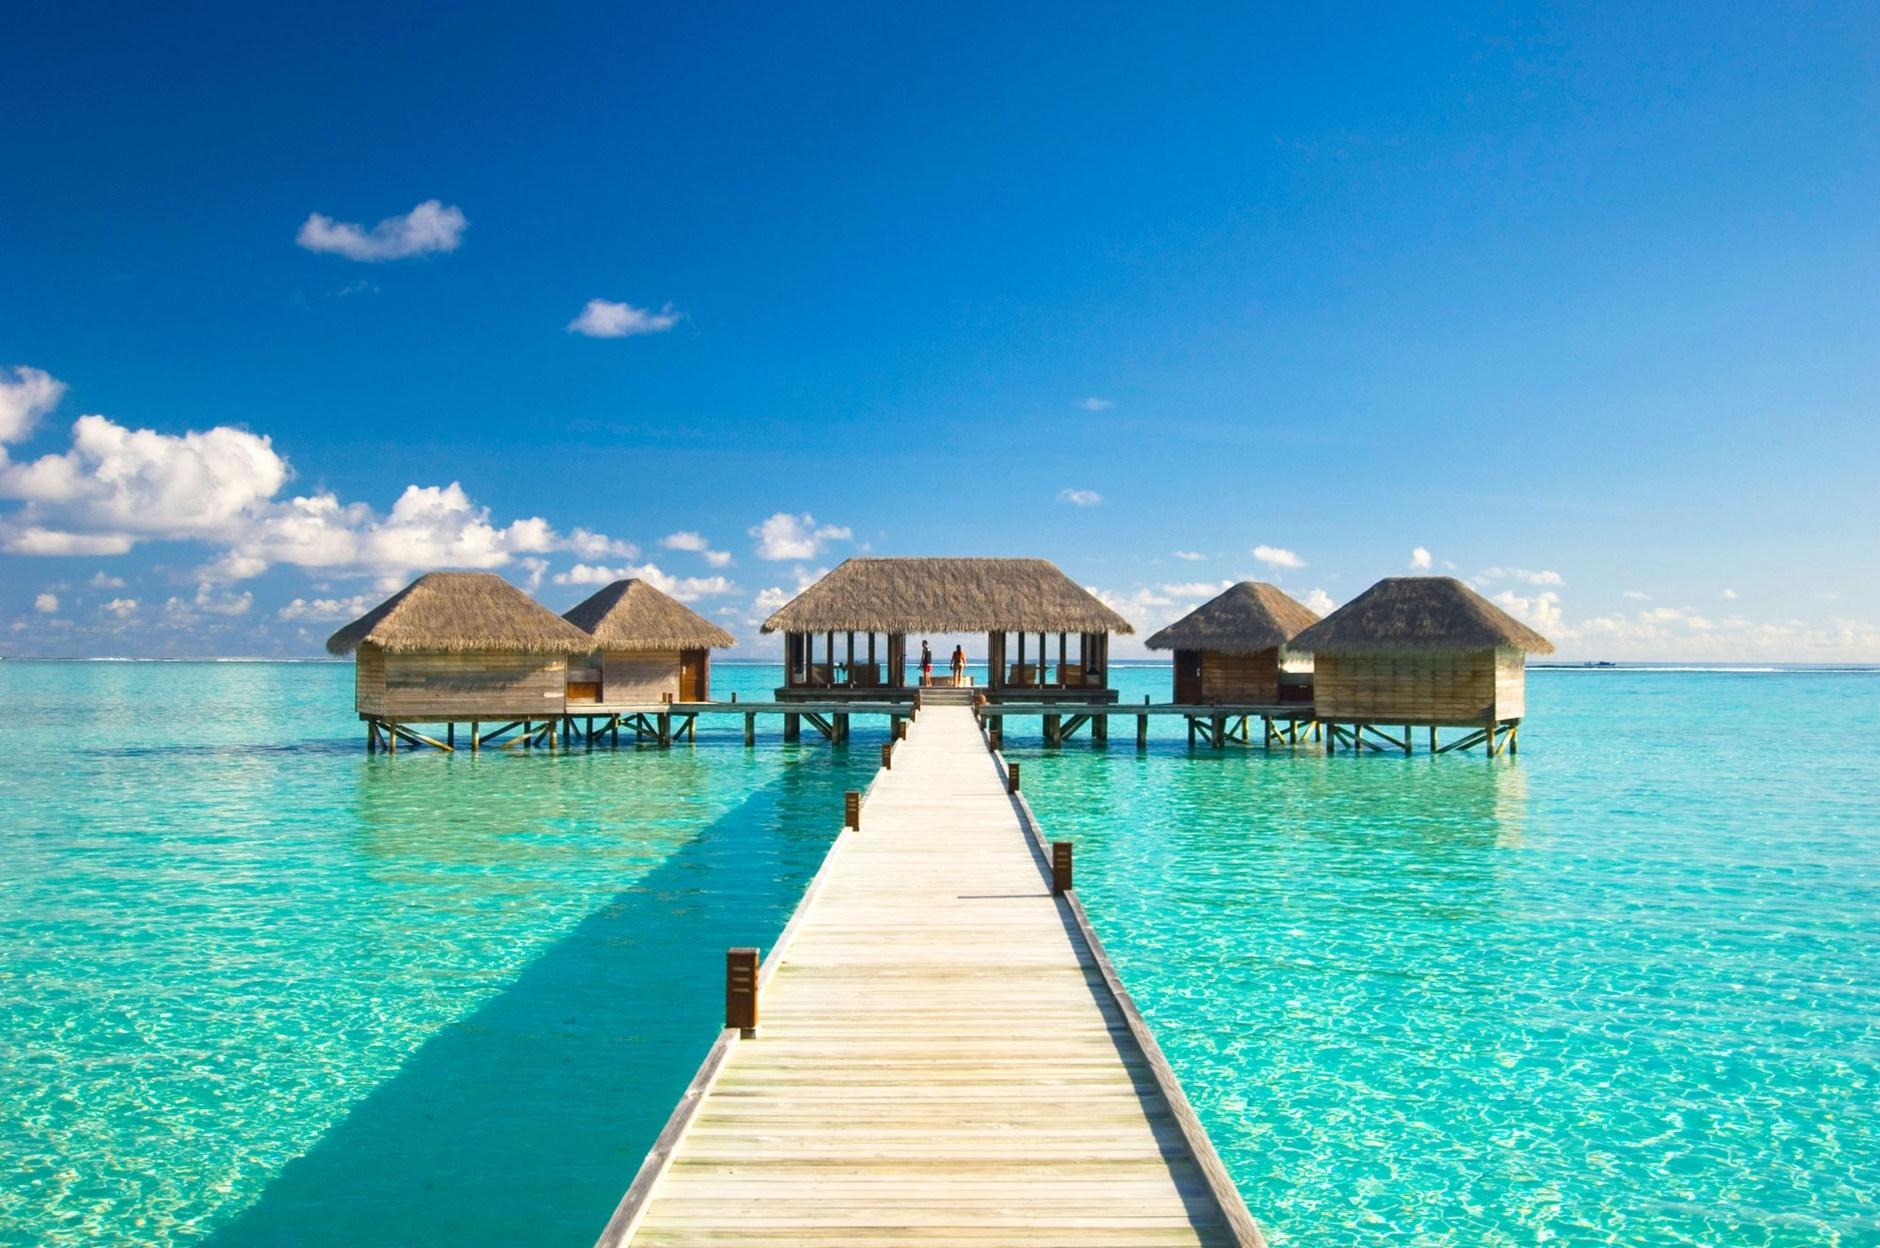 Revista elige las 10 mejores islas del mundo para visitar for Mejores islas de maldivas